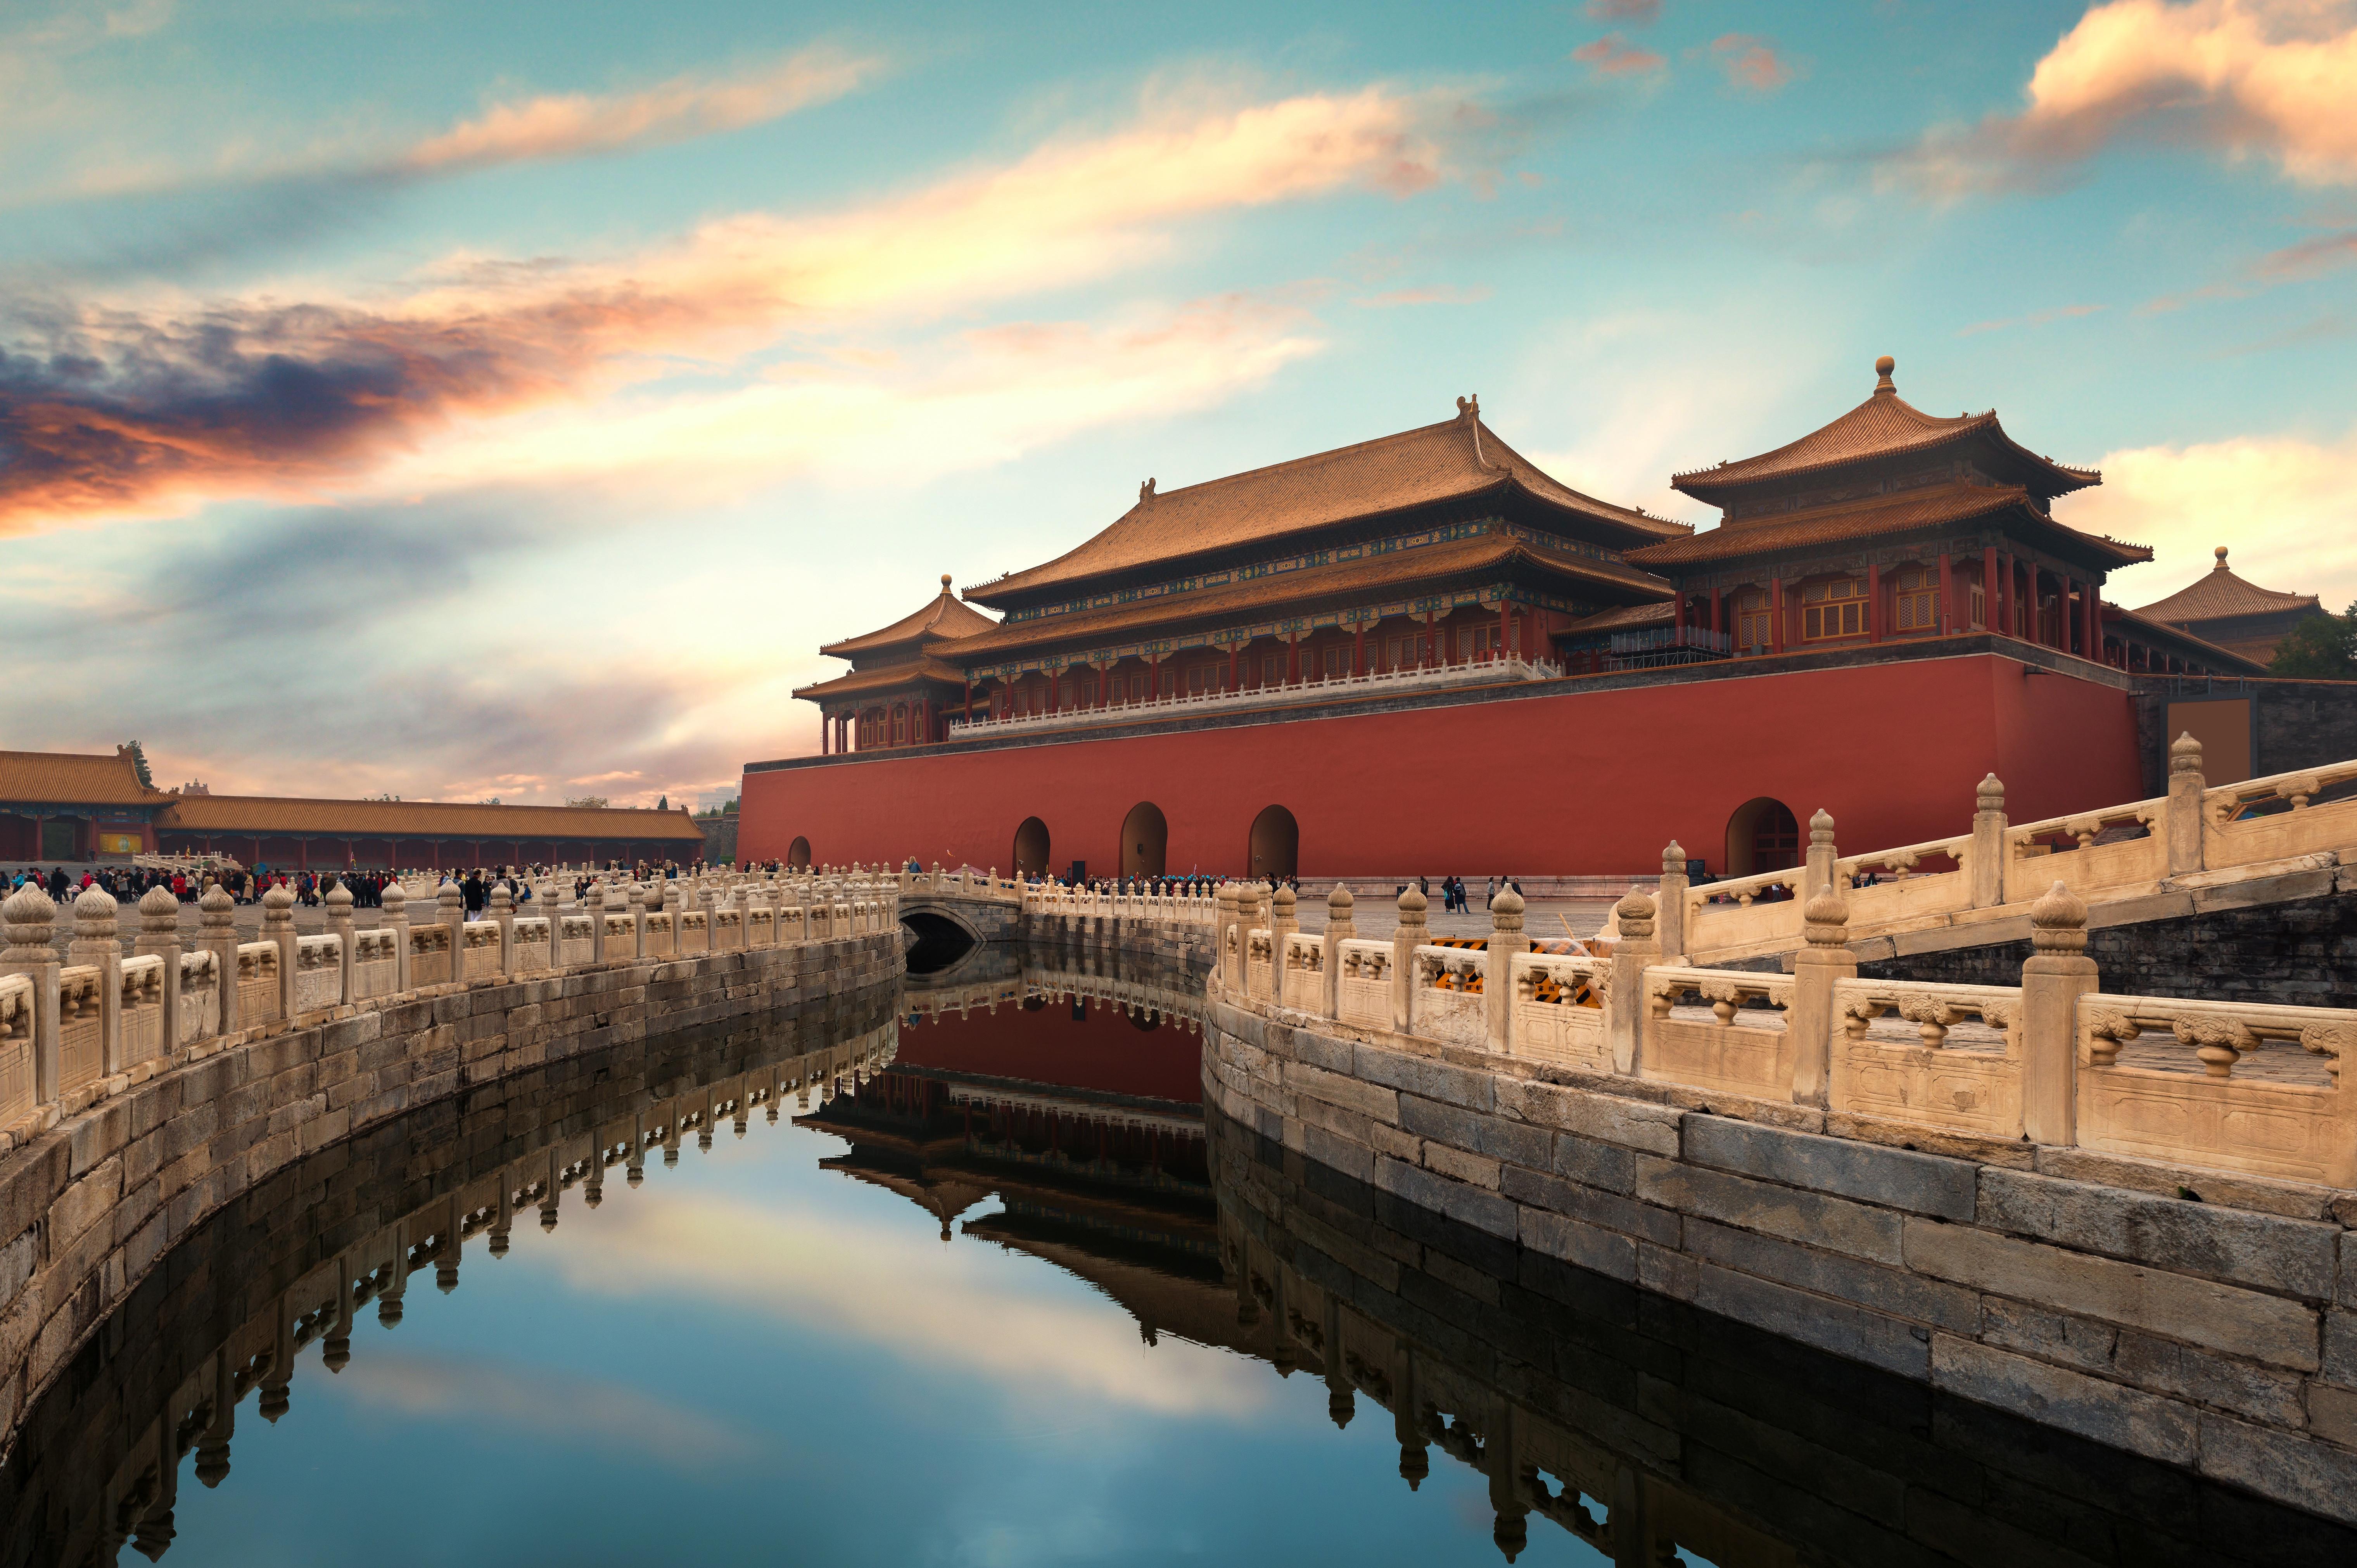 北京一地双飞5日游零自费零购物;住连锁酒店;涵盖景点全,漫步北京城